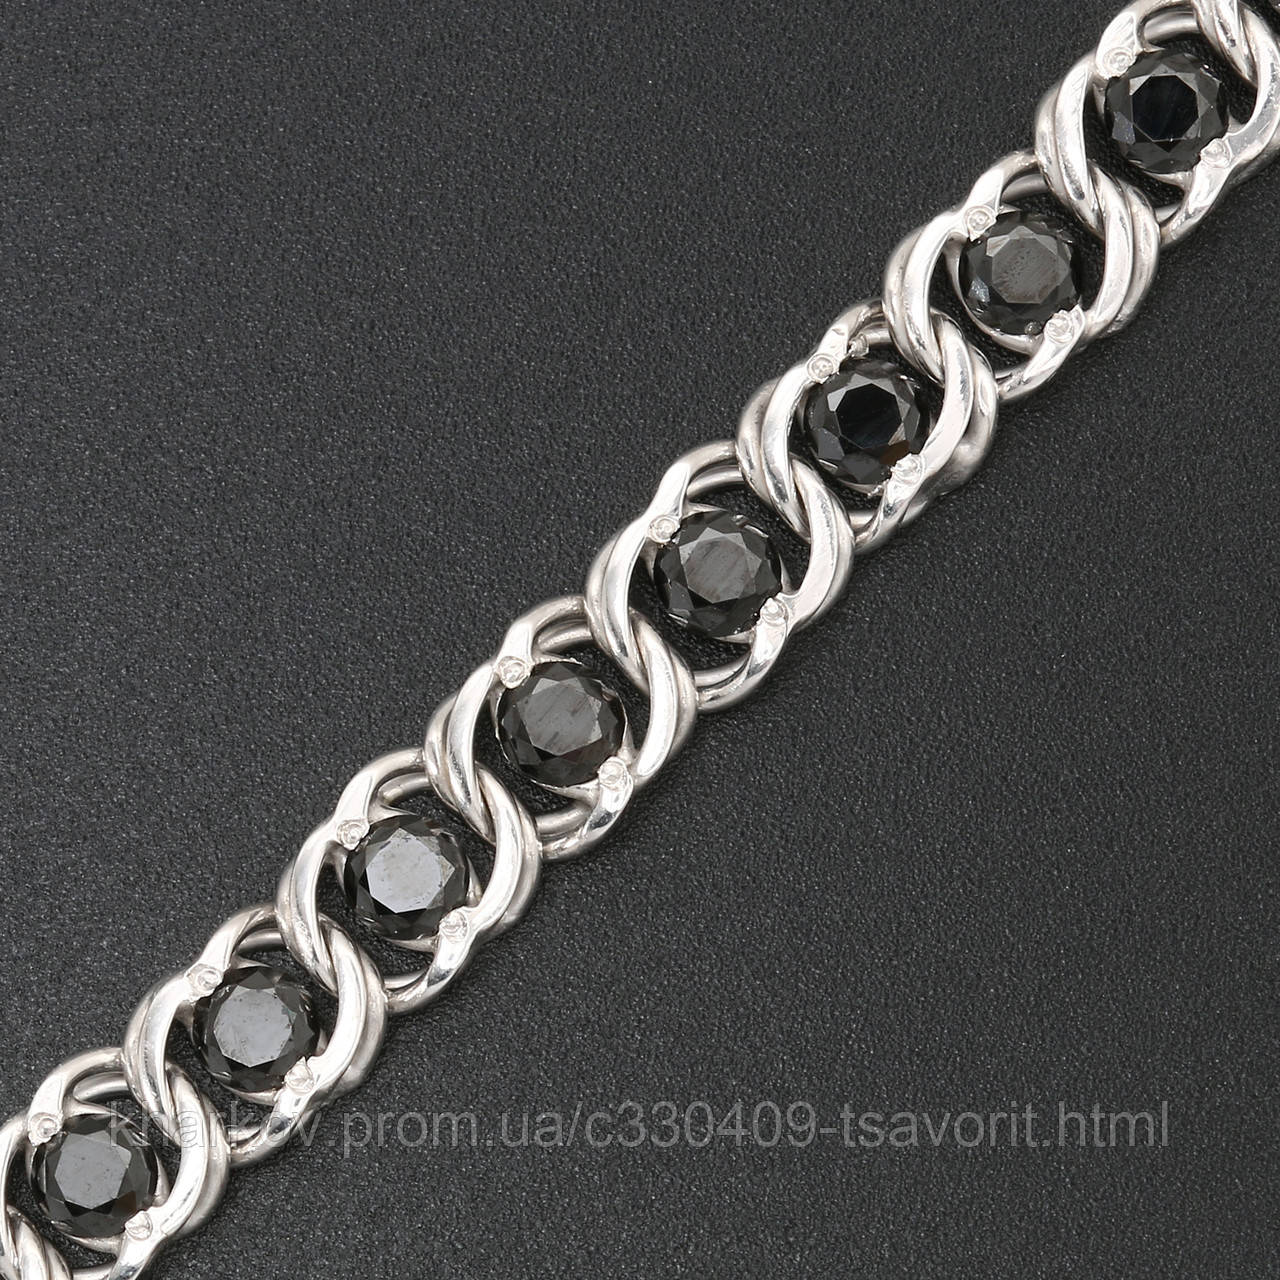 Серебряная цепочка с камнями 4110037-ч